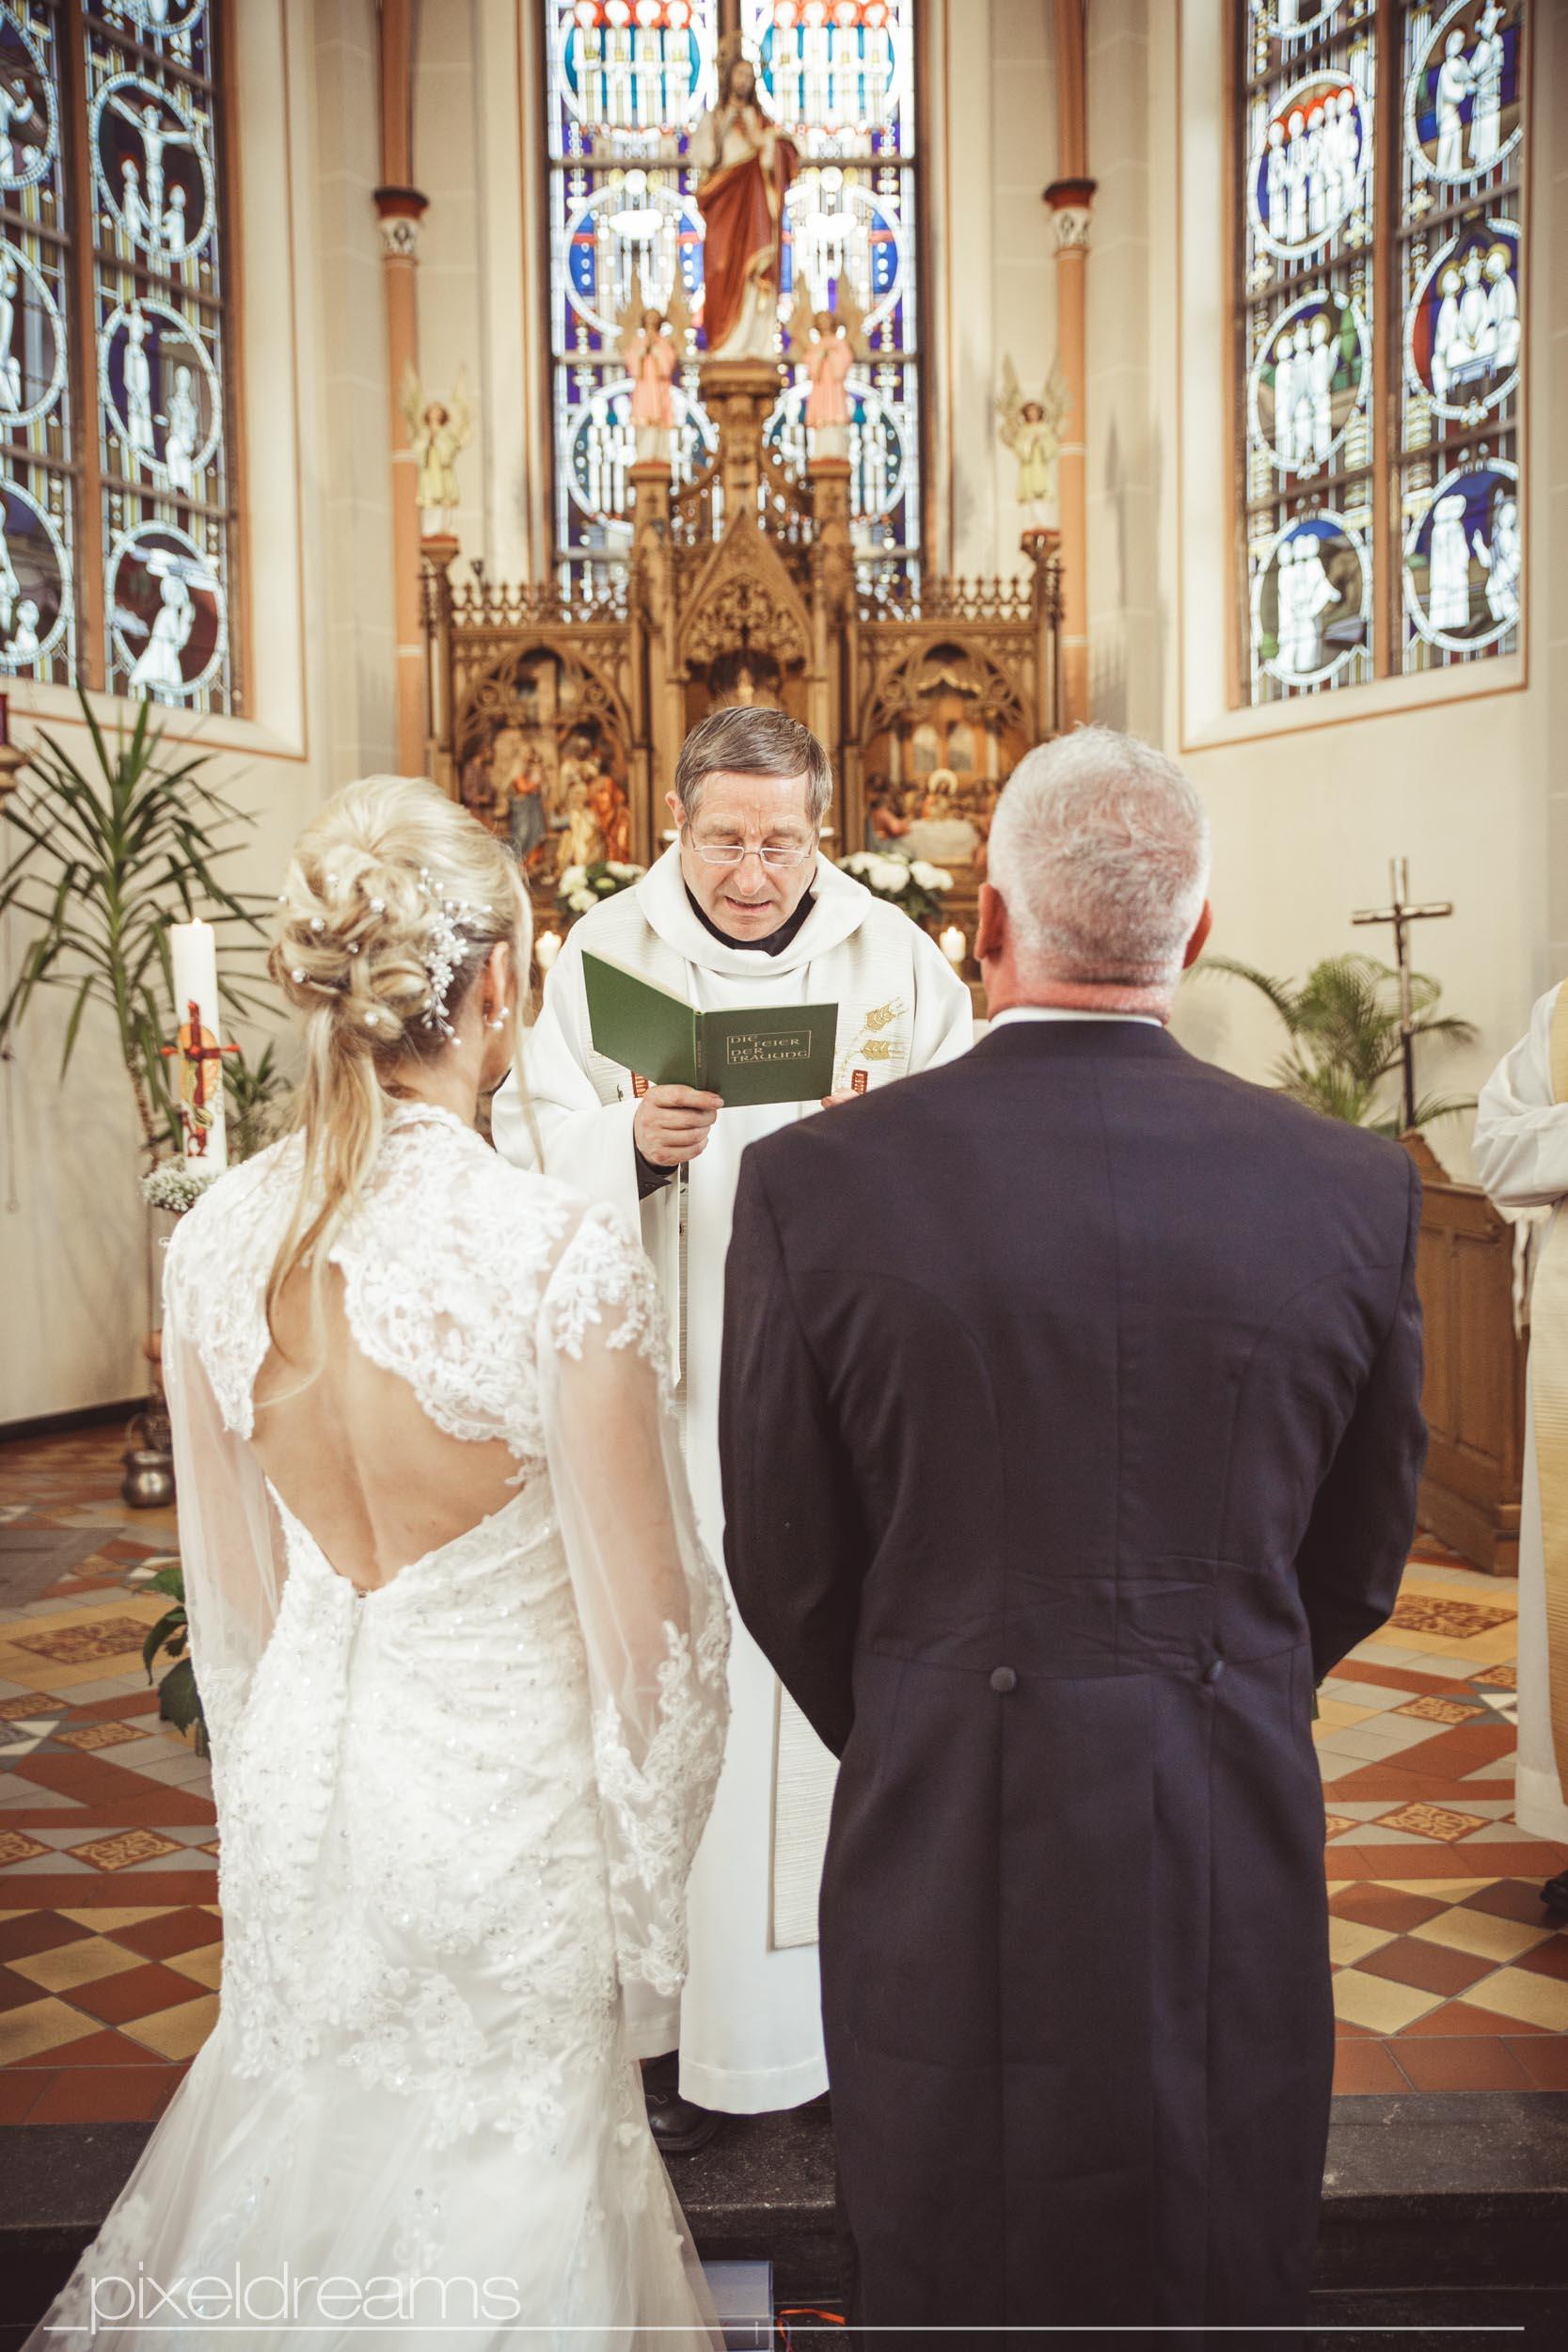 Hochzeitsfoto während Pastor Trauung der Braut und des Bräutigams vollzieht. Jesus Figur und Altar im Hintergrund am Altar der St. Antoniuskirche in Swisttal.